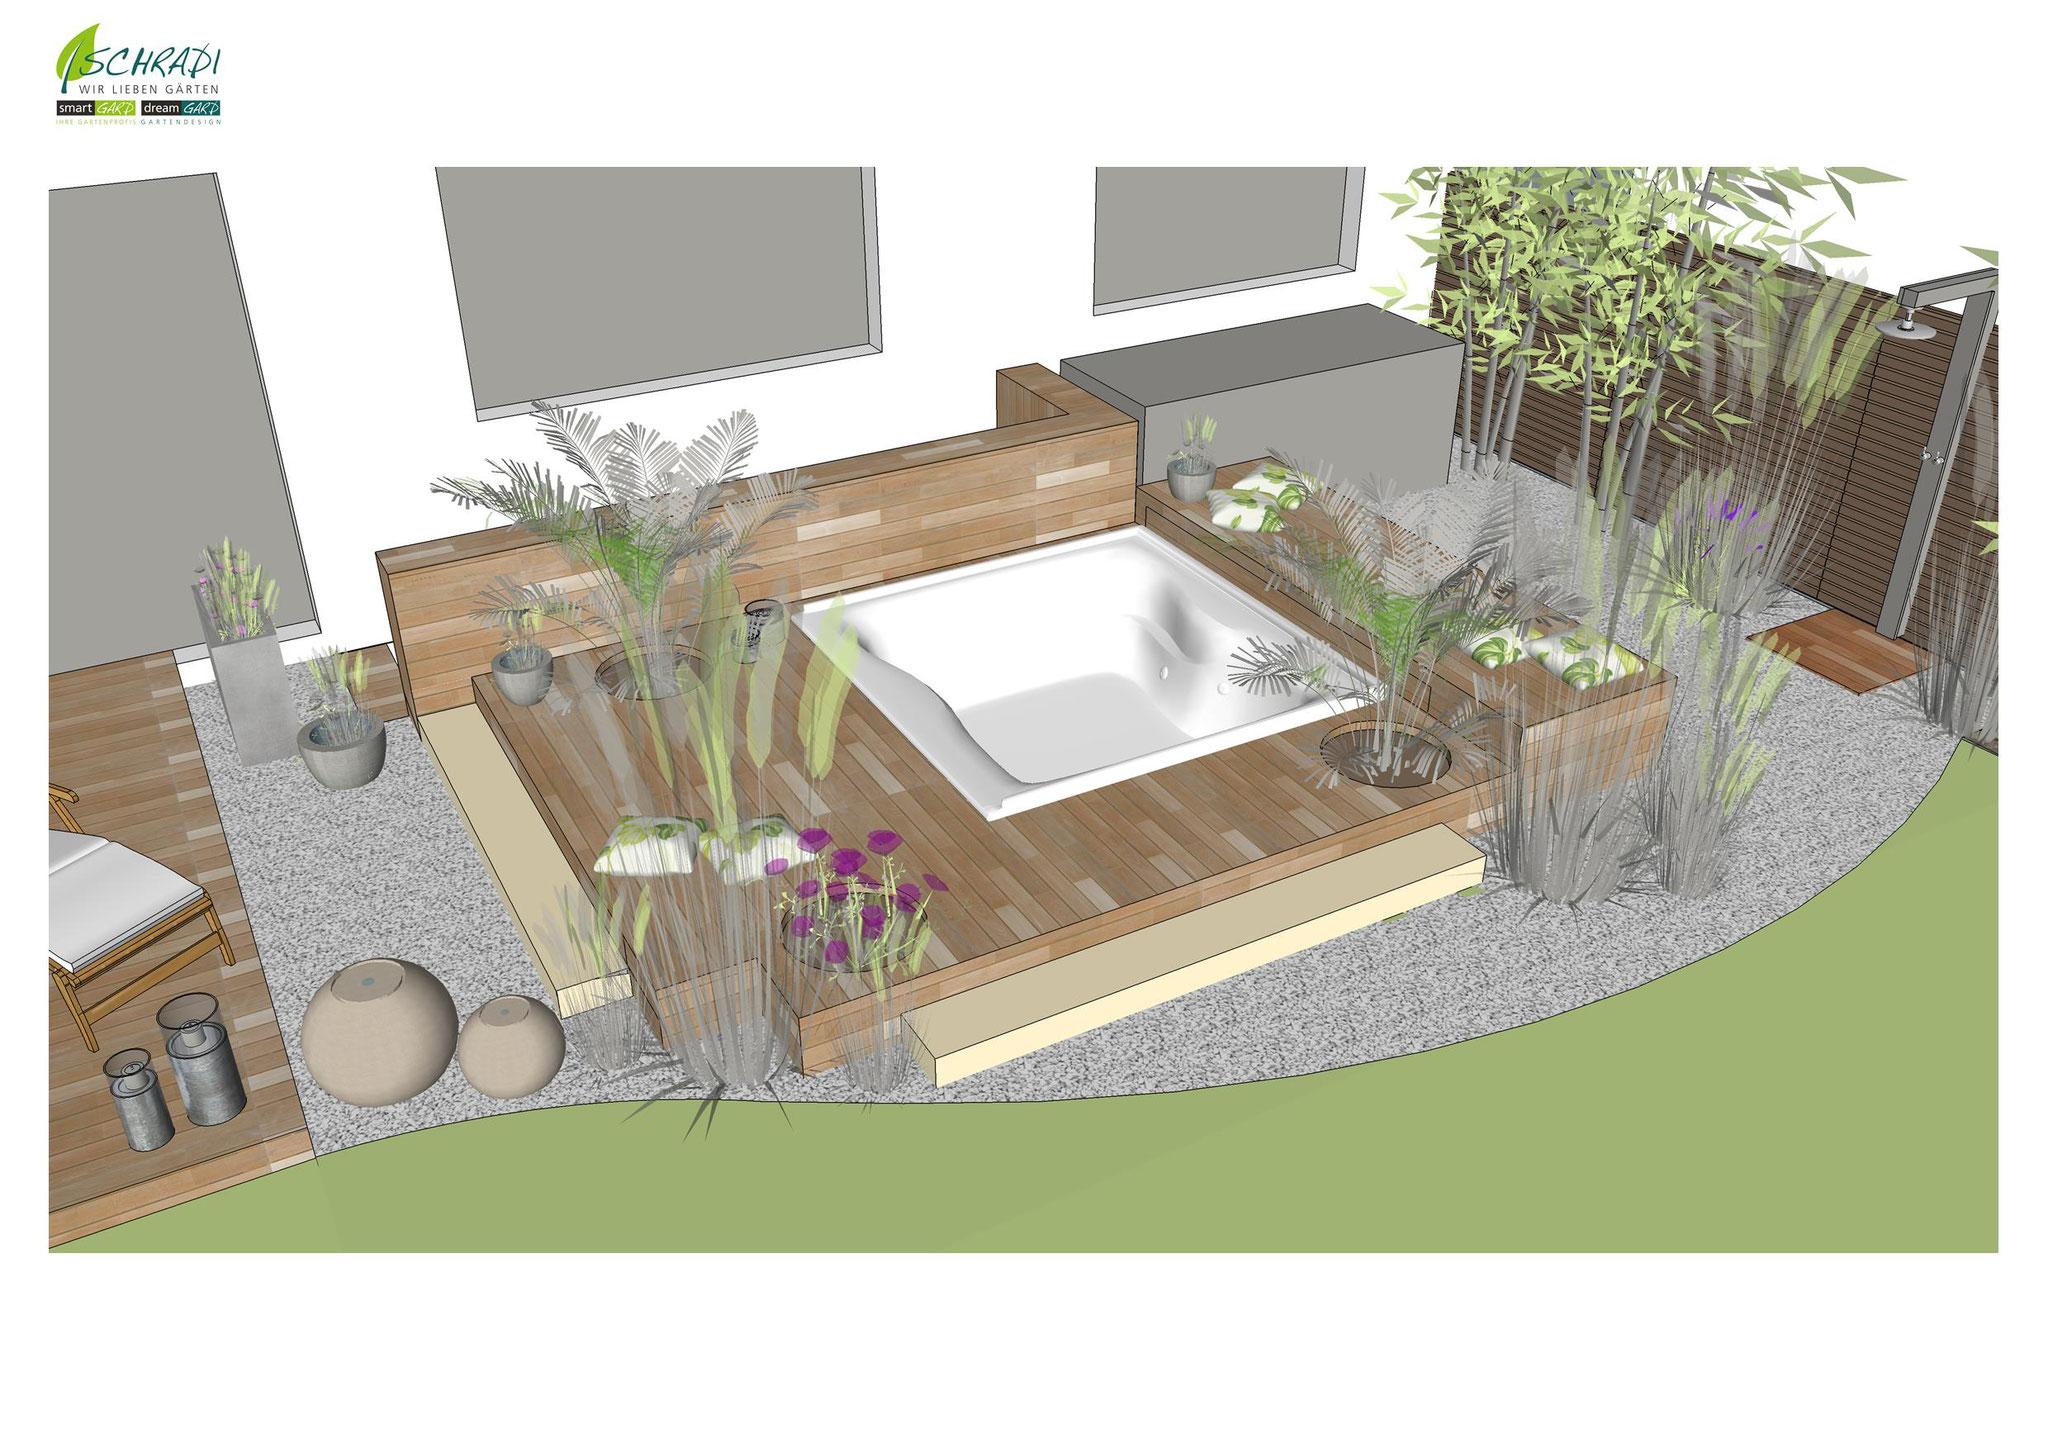 3D Visualisierung eines Gartens